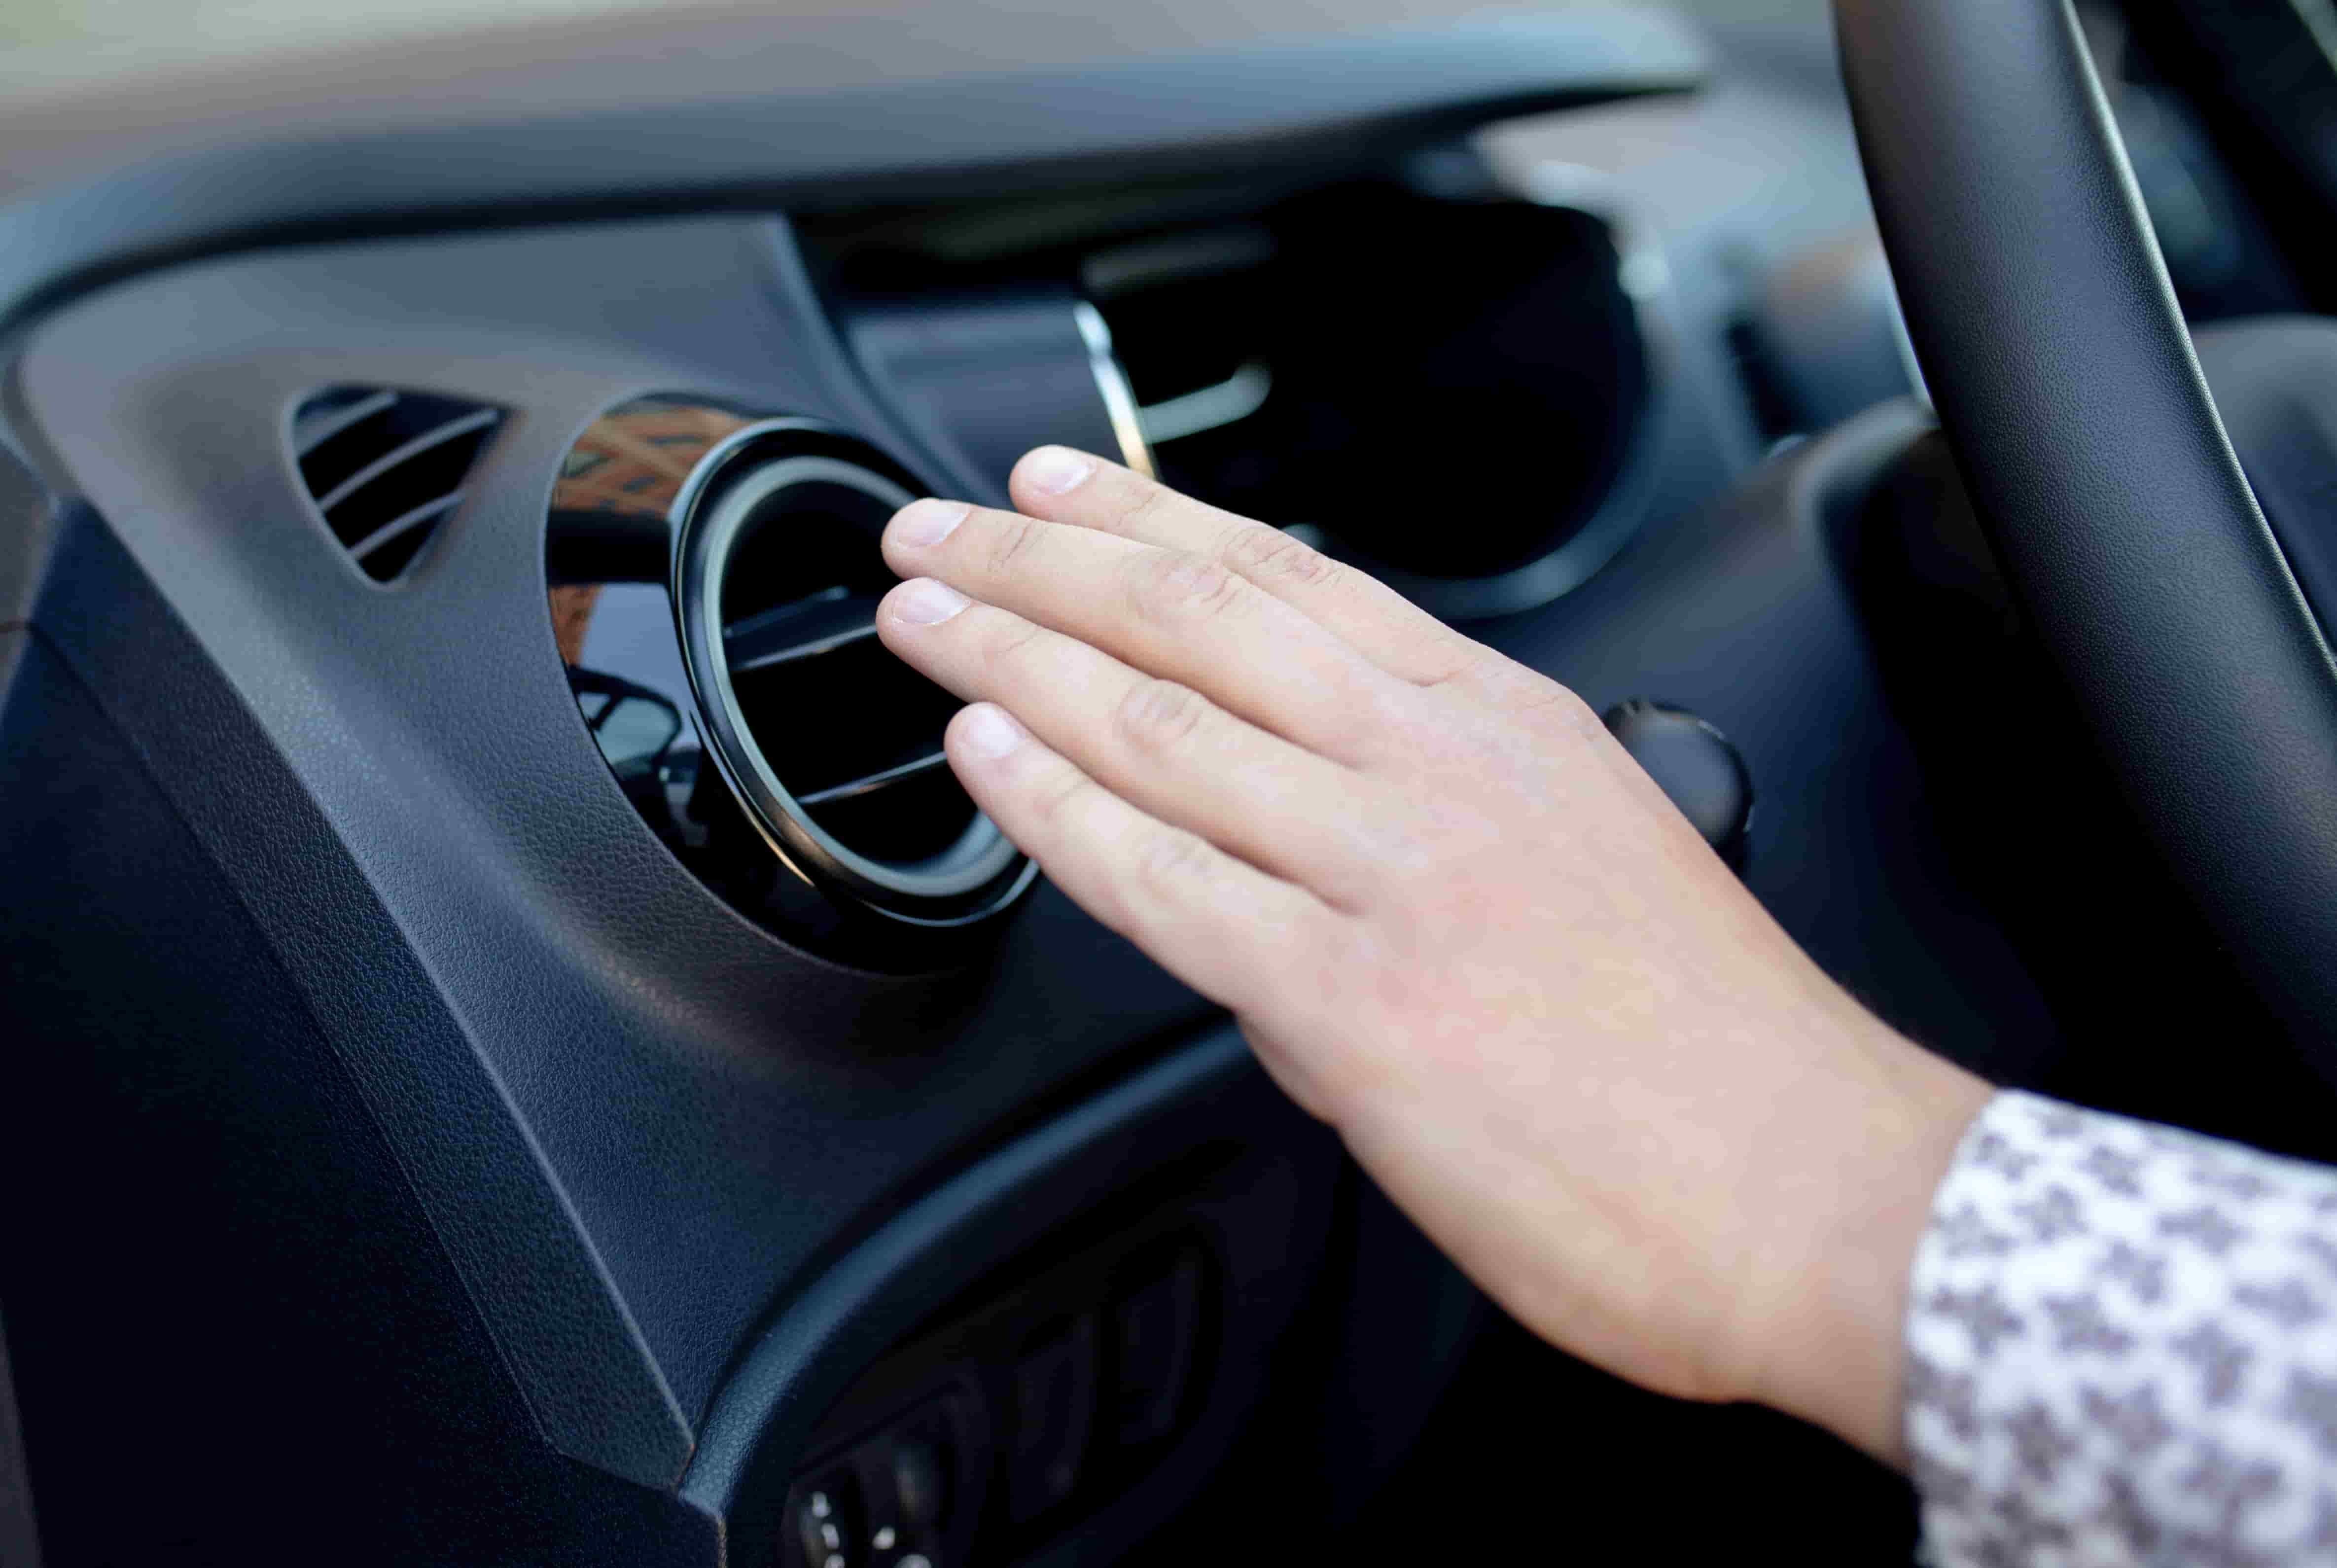 Chaleur en voiture : Top 7 des astuces pour se rafraîchir